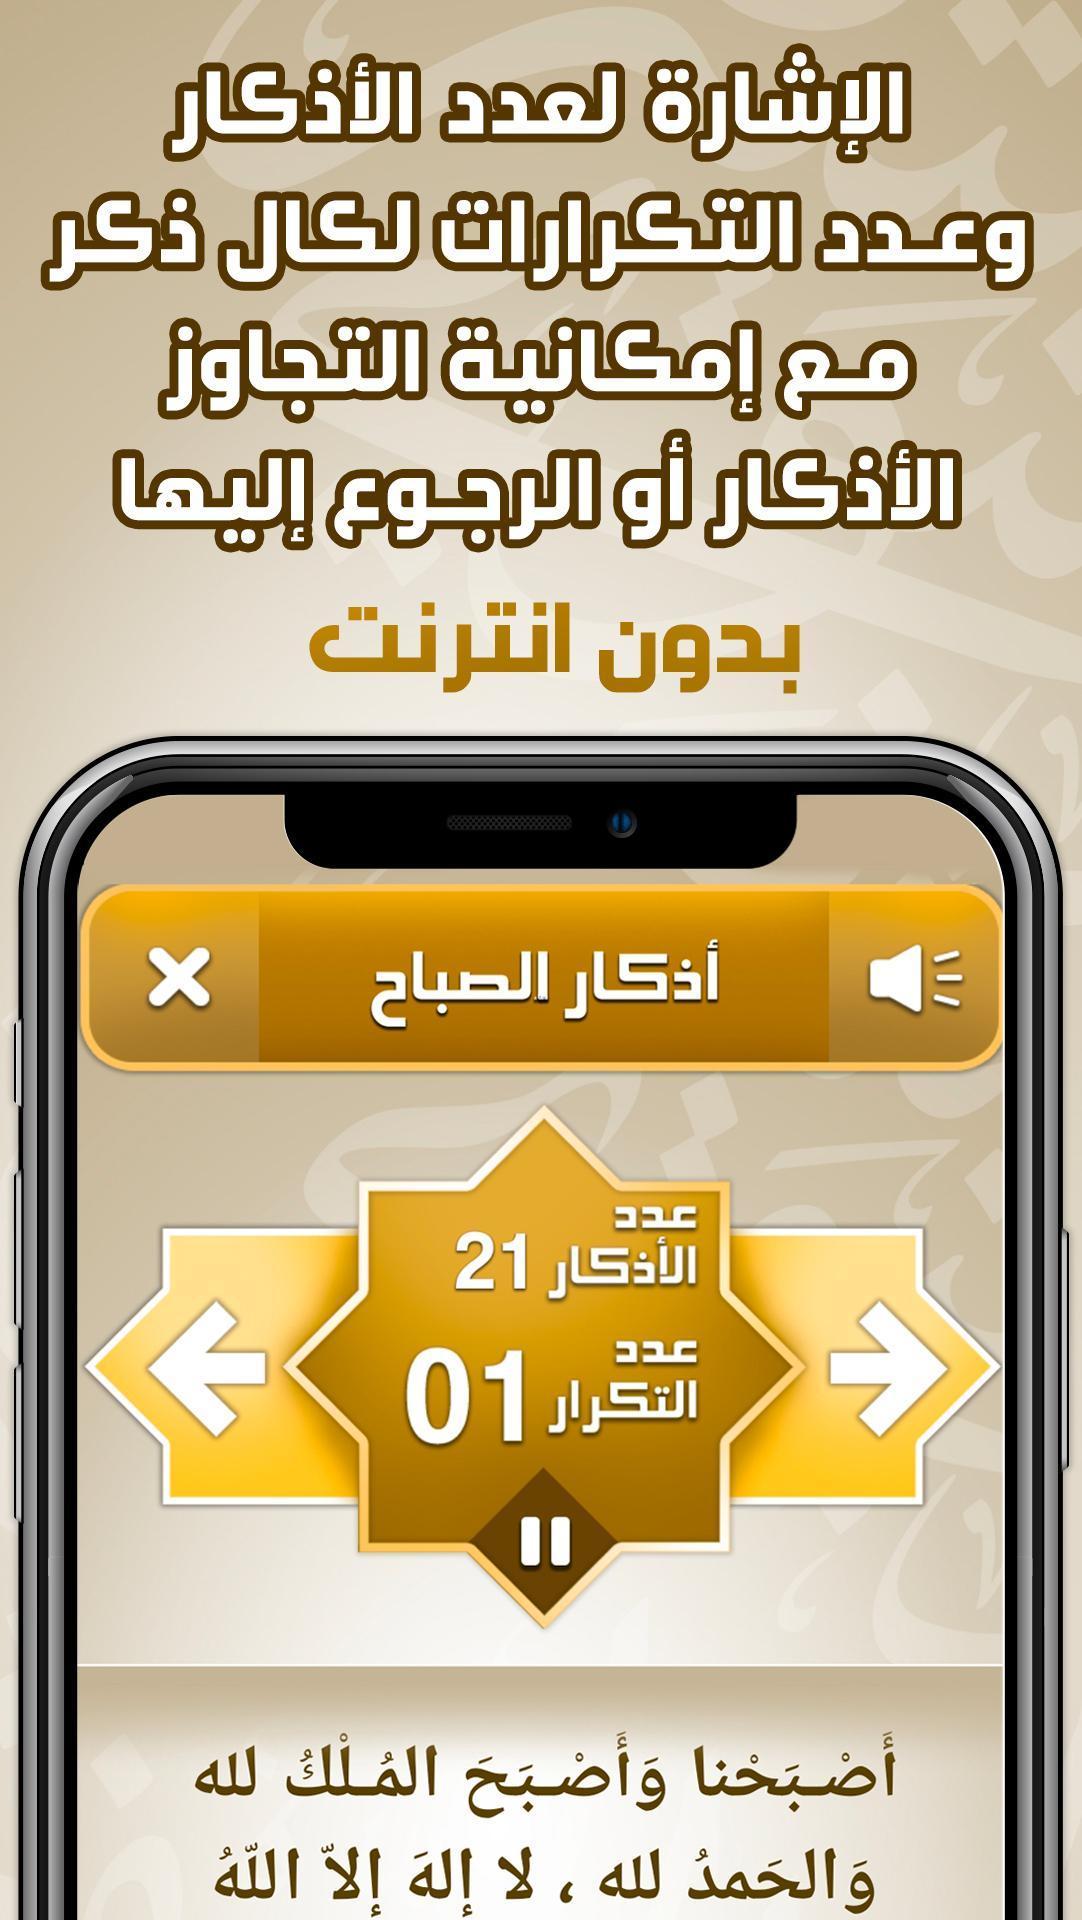 أذكار المسلم اذكار الصباح والمساء For Android Apk Download